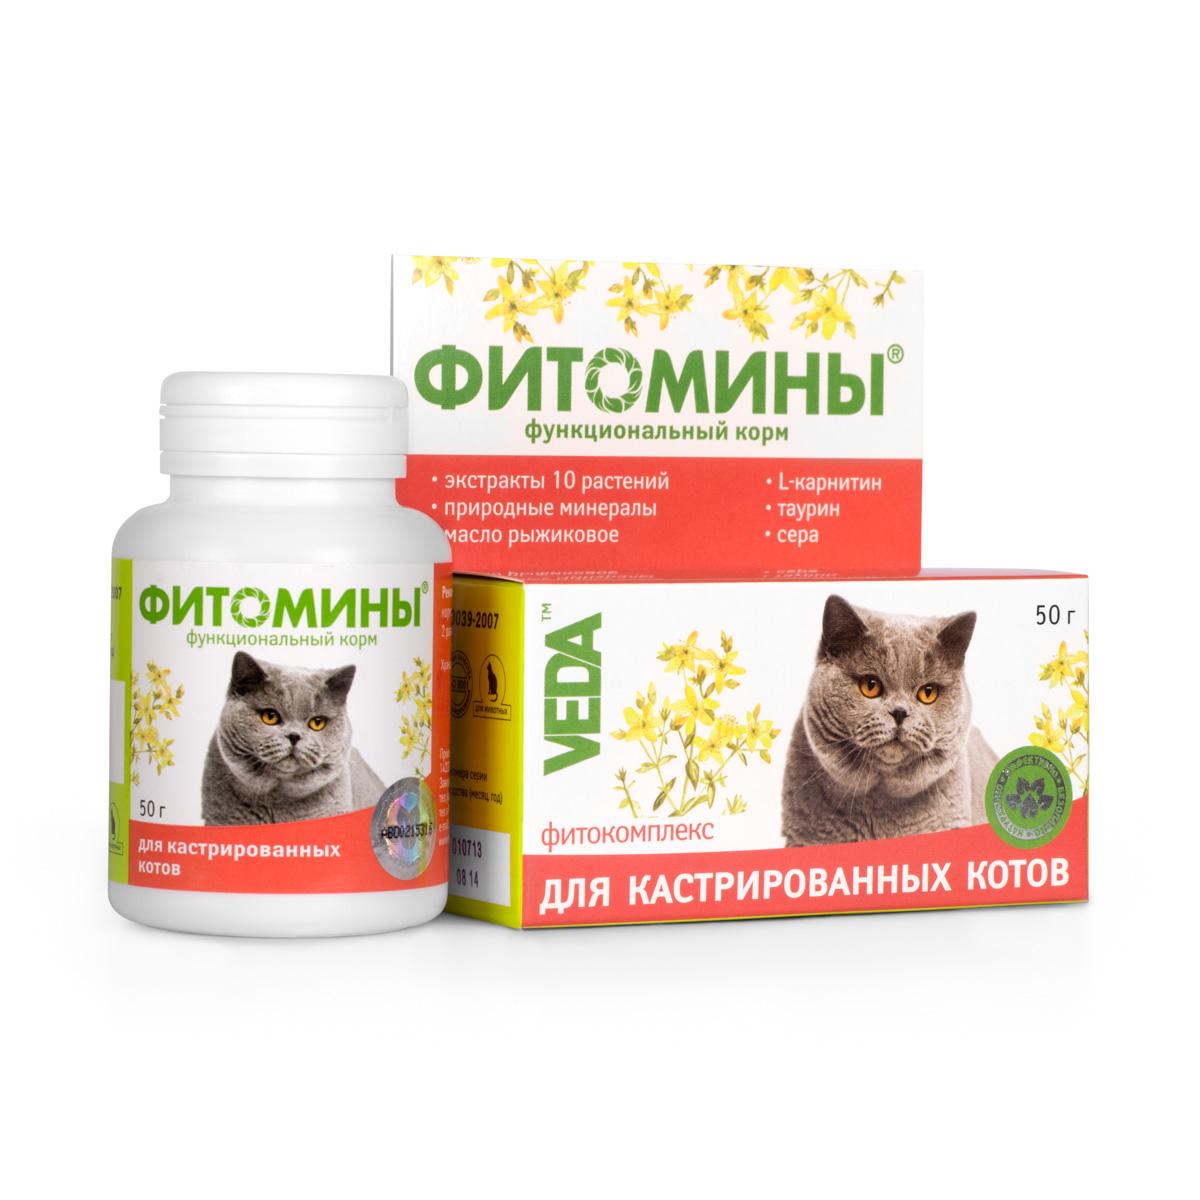 Фитомины функциональный корм для кастрированных котов, 50 г4605543005831Для укрепления здоровья и улучшения качества жизни натурализованных котов. Для профилактики нарушения обмена веществ, развития мочекаменной болезни и ожирения.